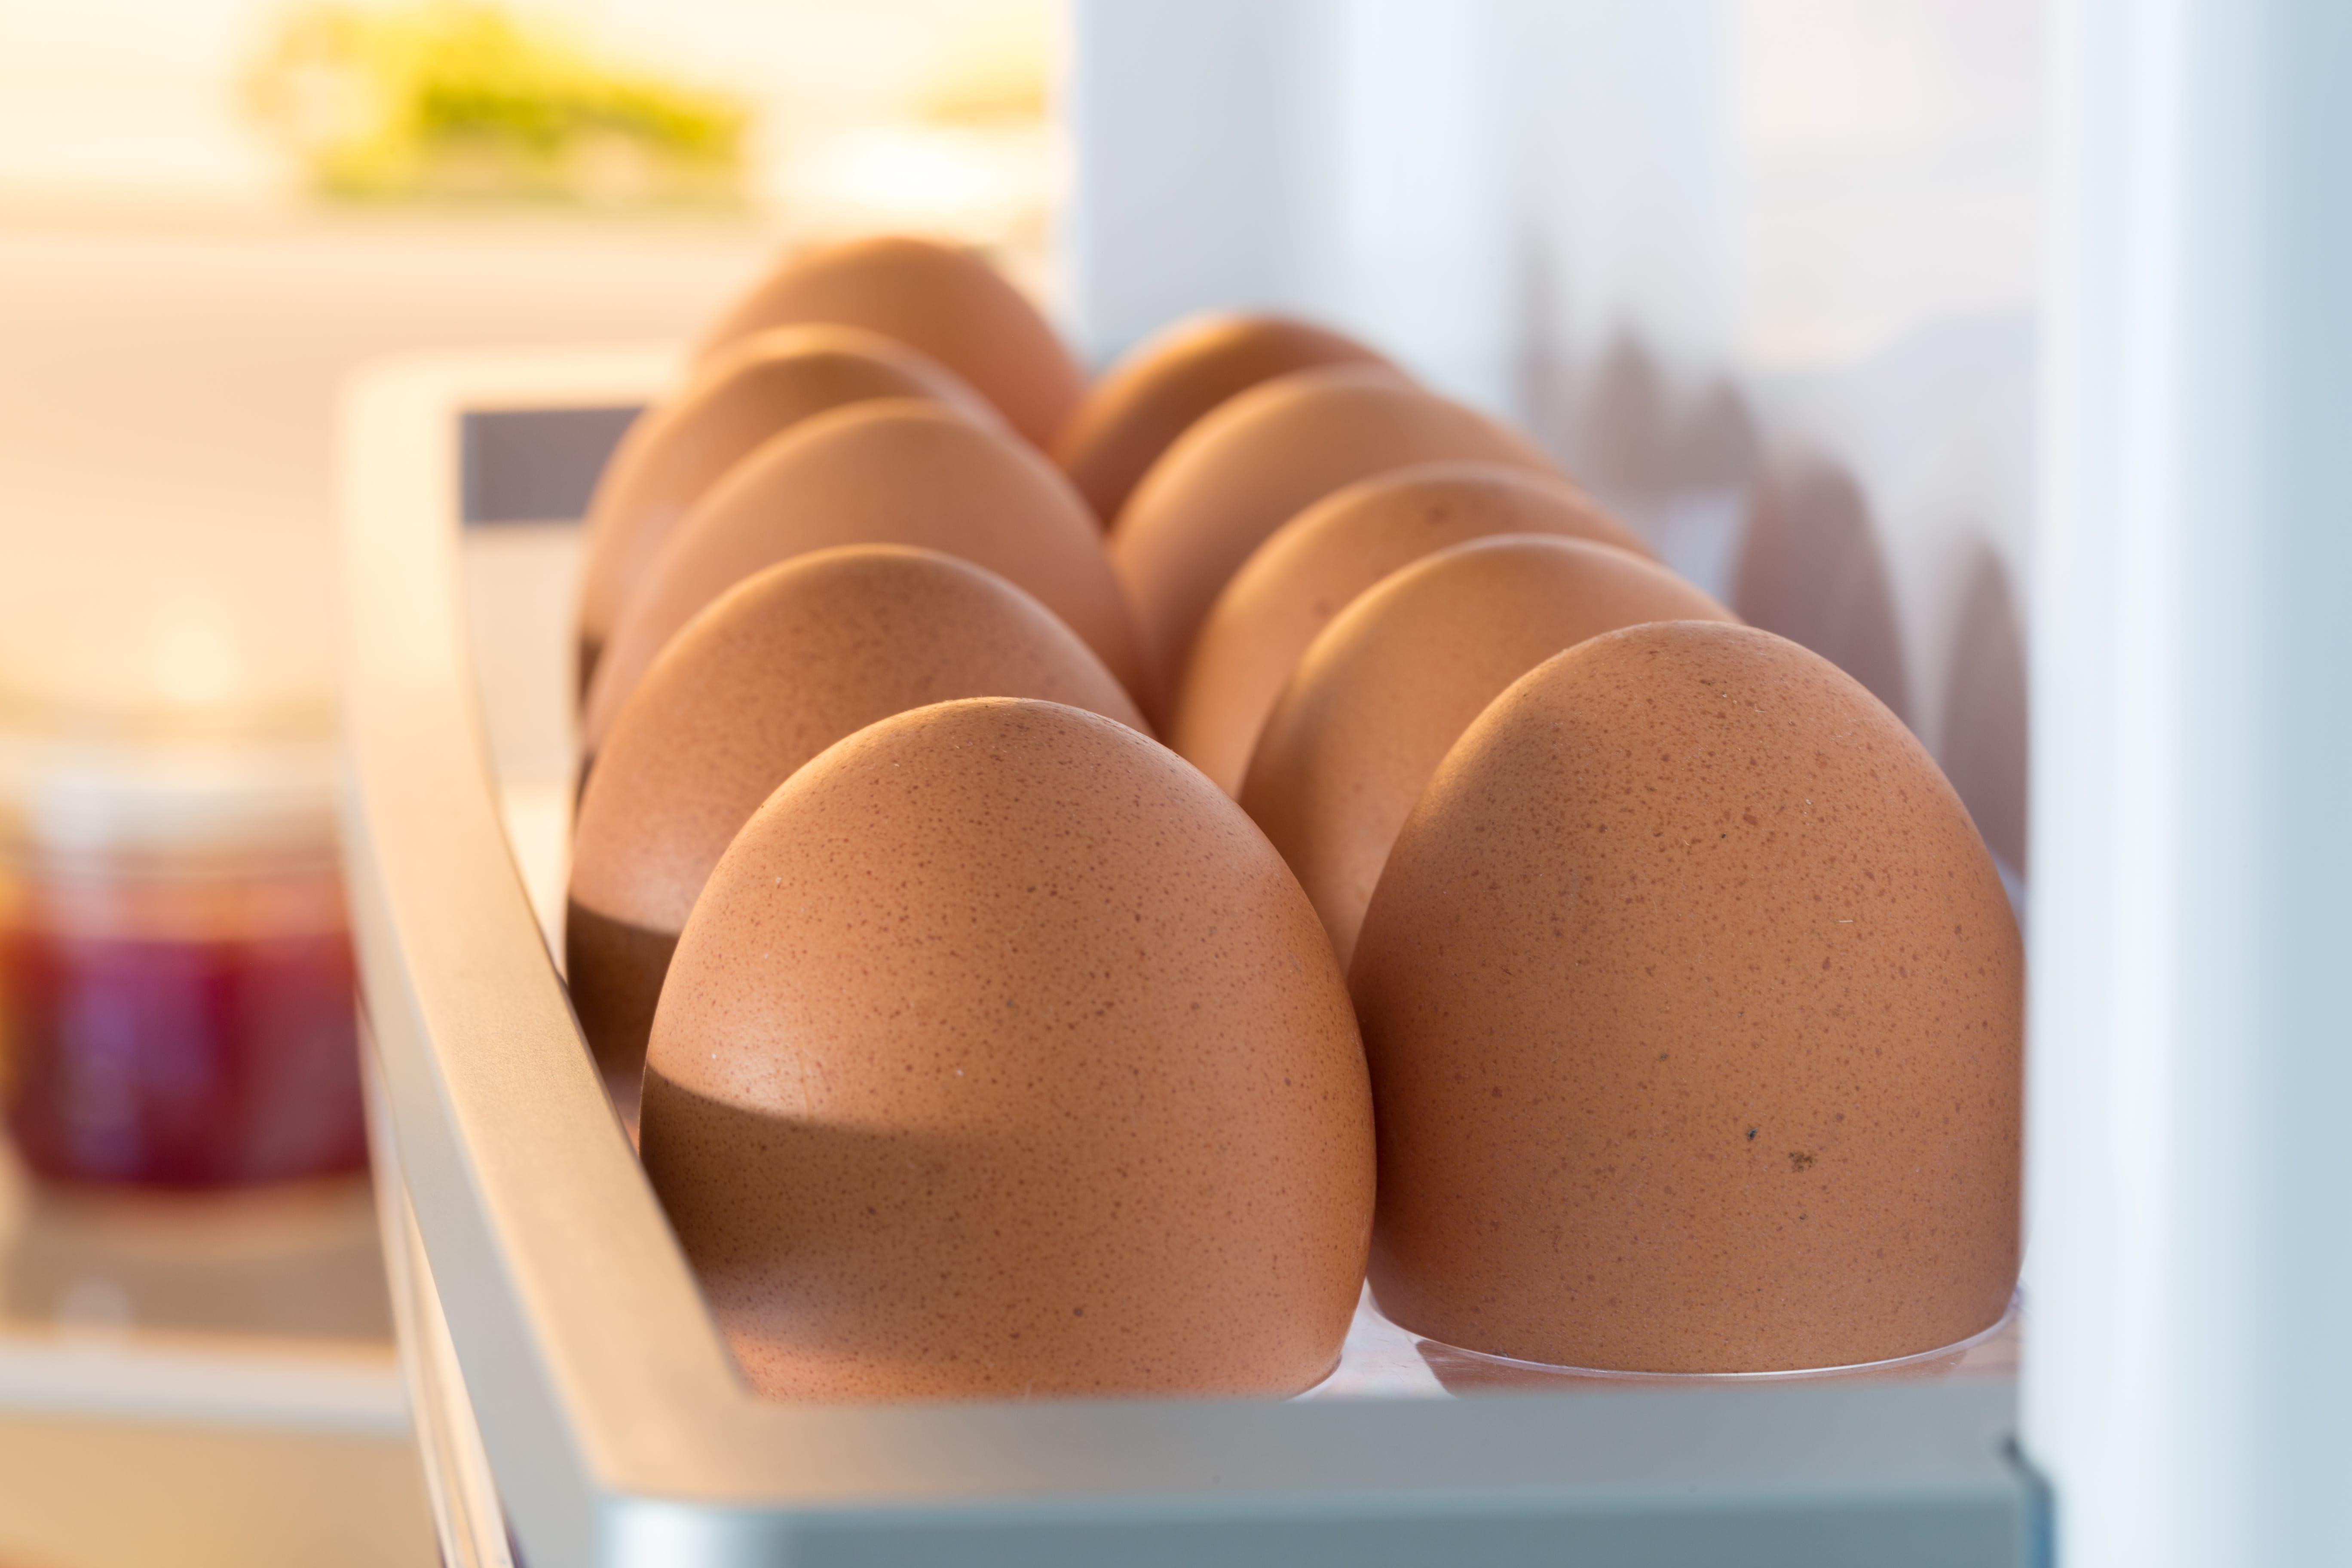 Kühlschrank Im Auto Lagern : Eier lagern haushaltstipps haushaltstipps